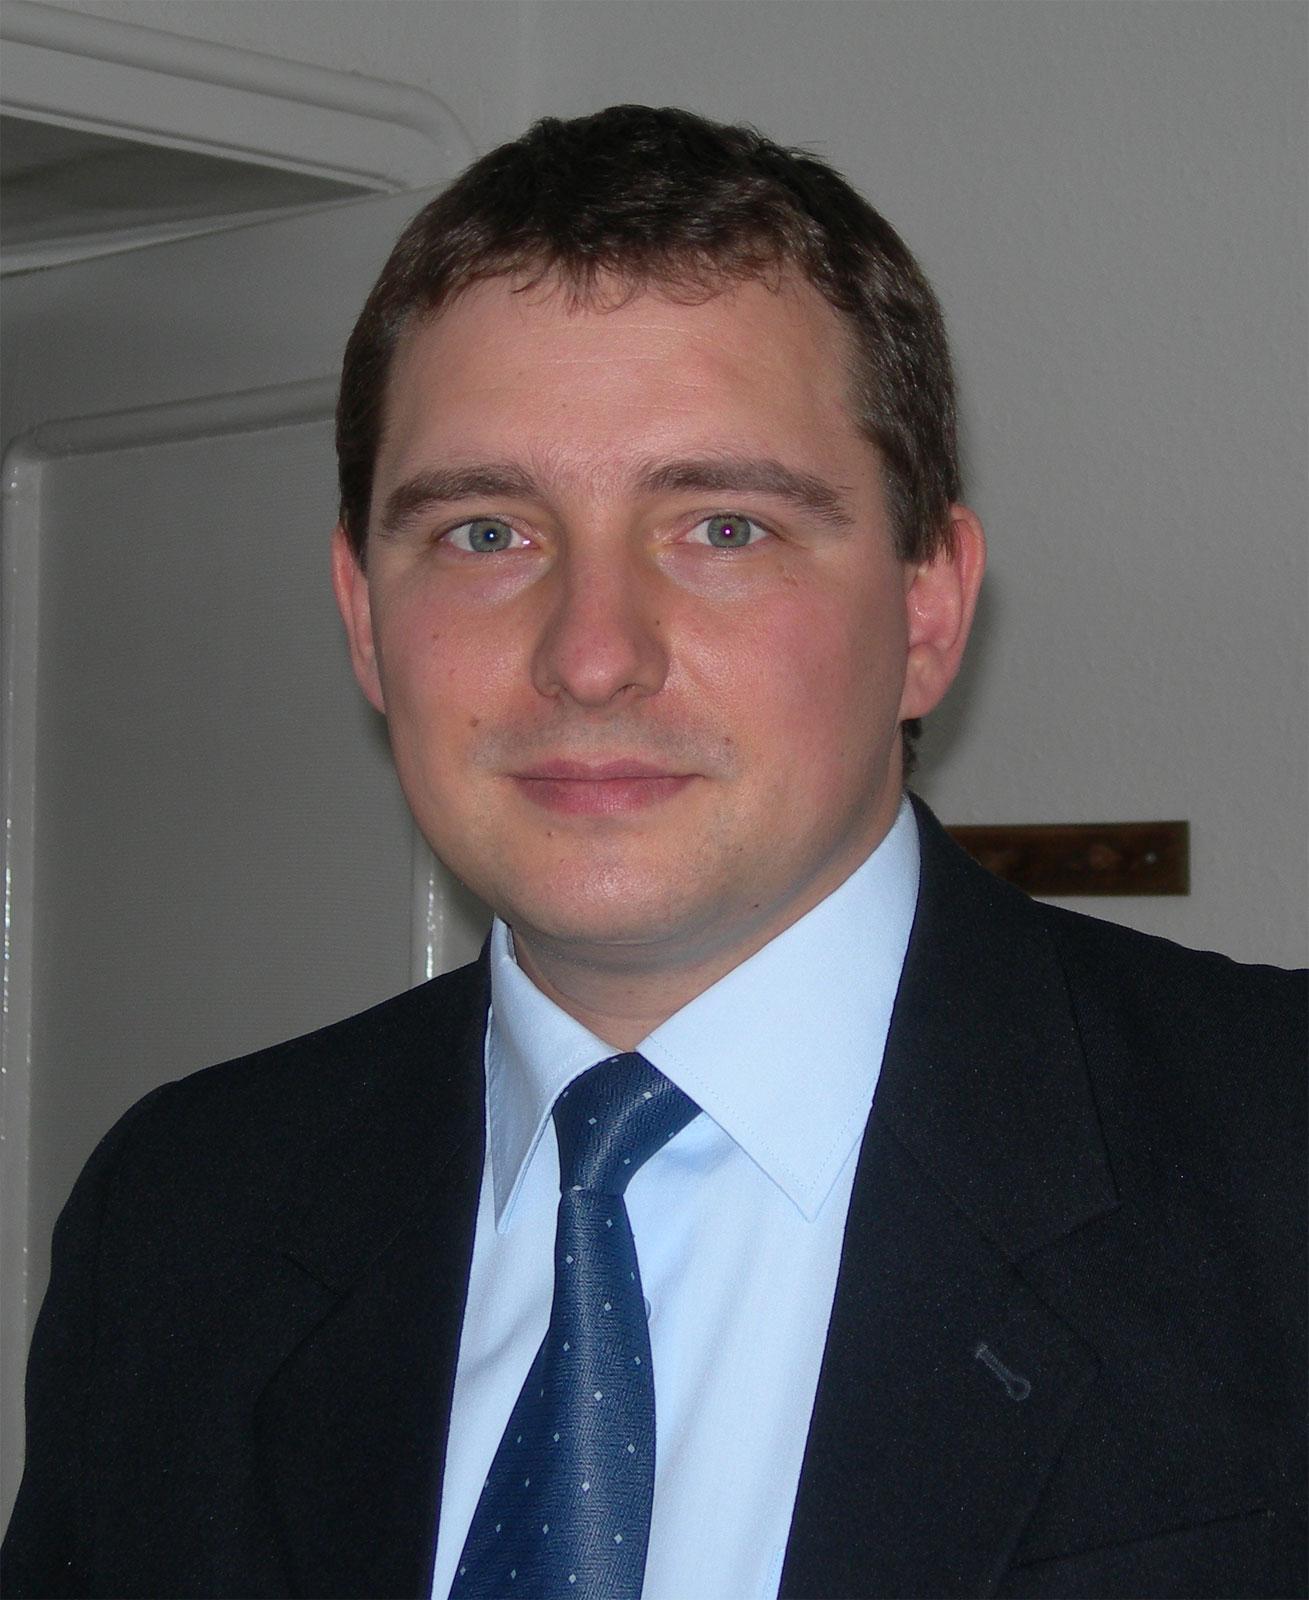 Albert Pietras, właściciel firmy Edu Szkoła Szybkiego Czytania i Technik Pamięciowych